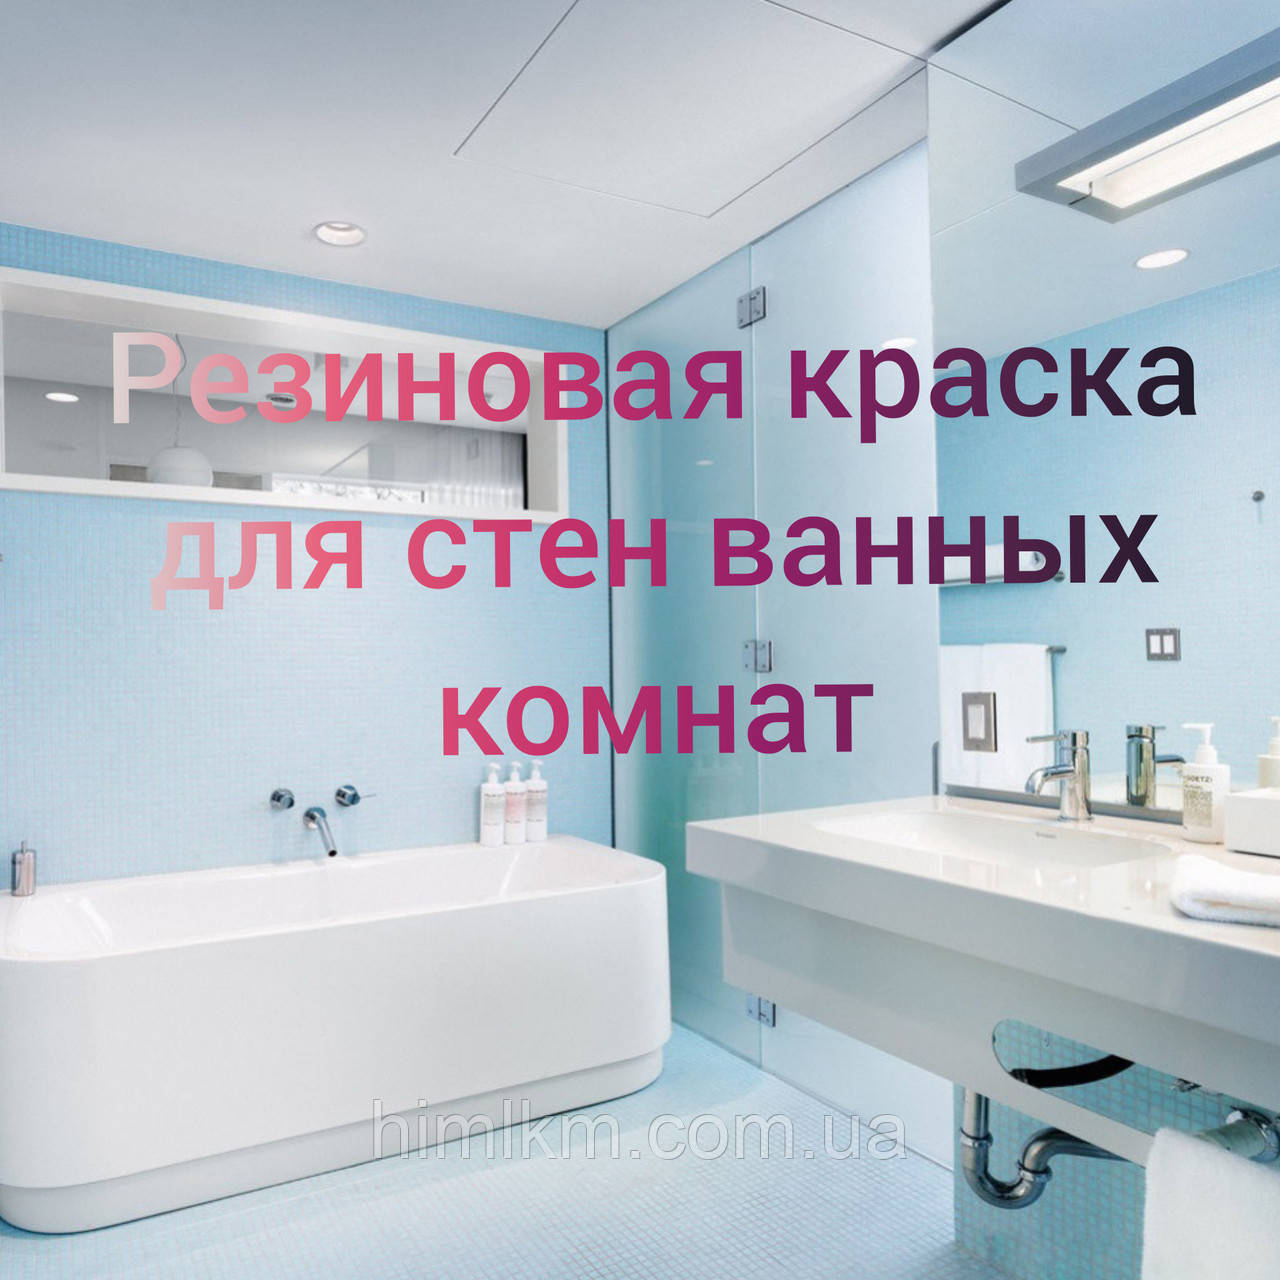 Краска резиновая для стен ванных комнат и кухонь Фарбекс